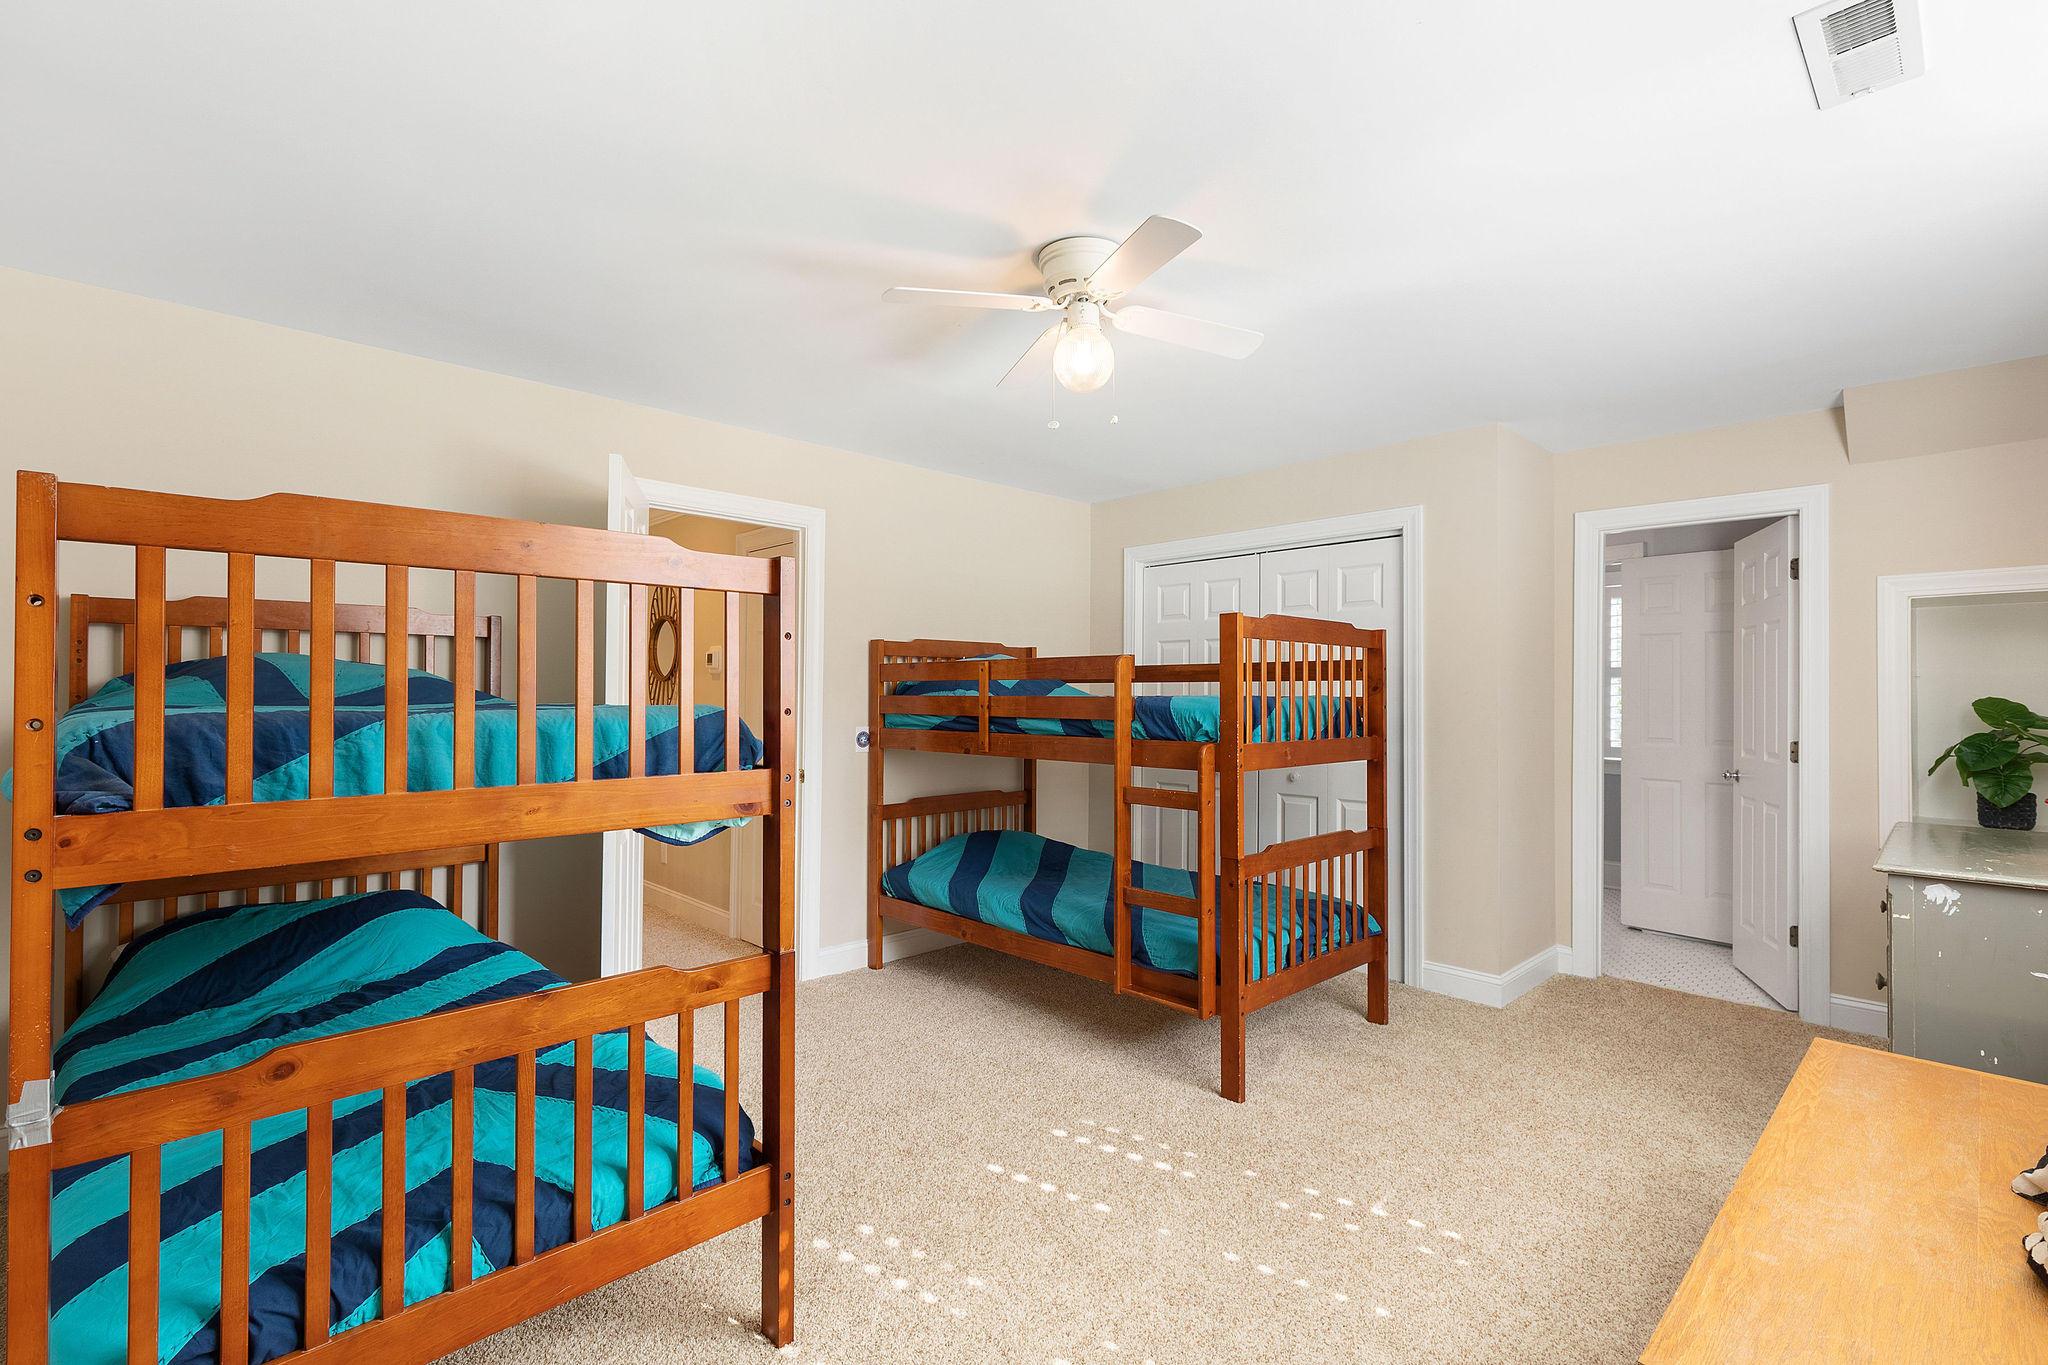 Dunes West Homes For Sale - 3201 Cottonfield, Mount Pleasant, SC - 10